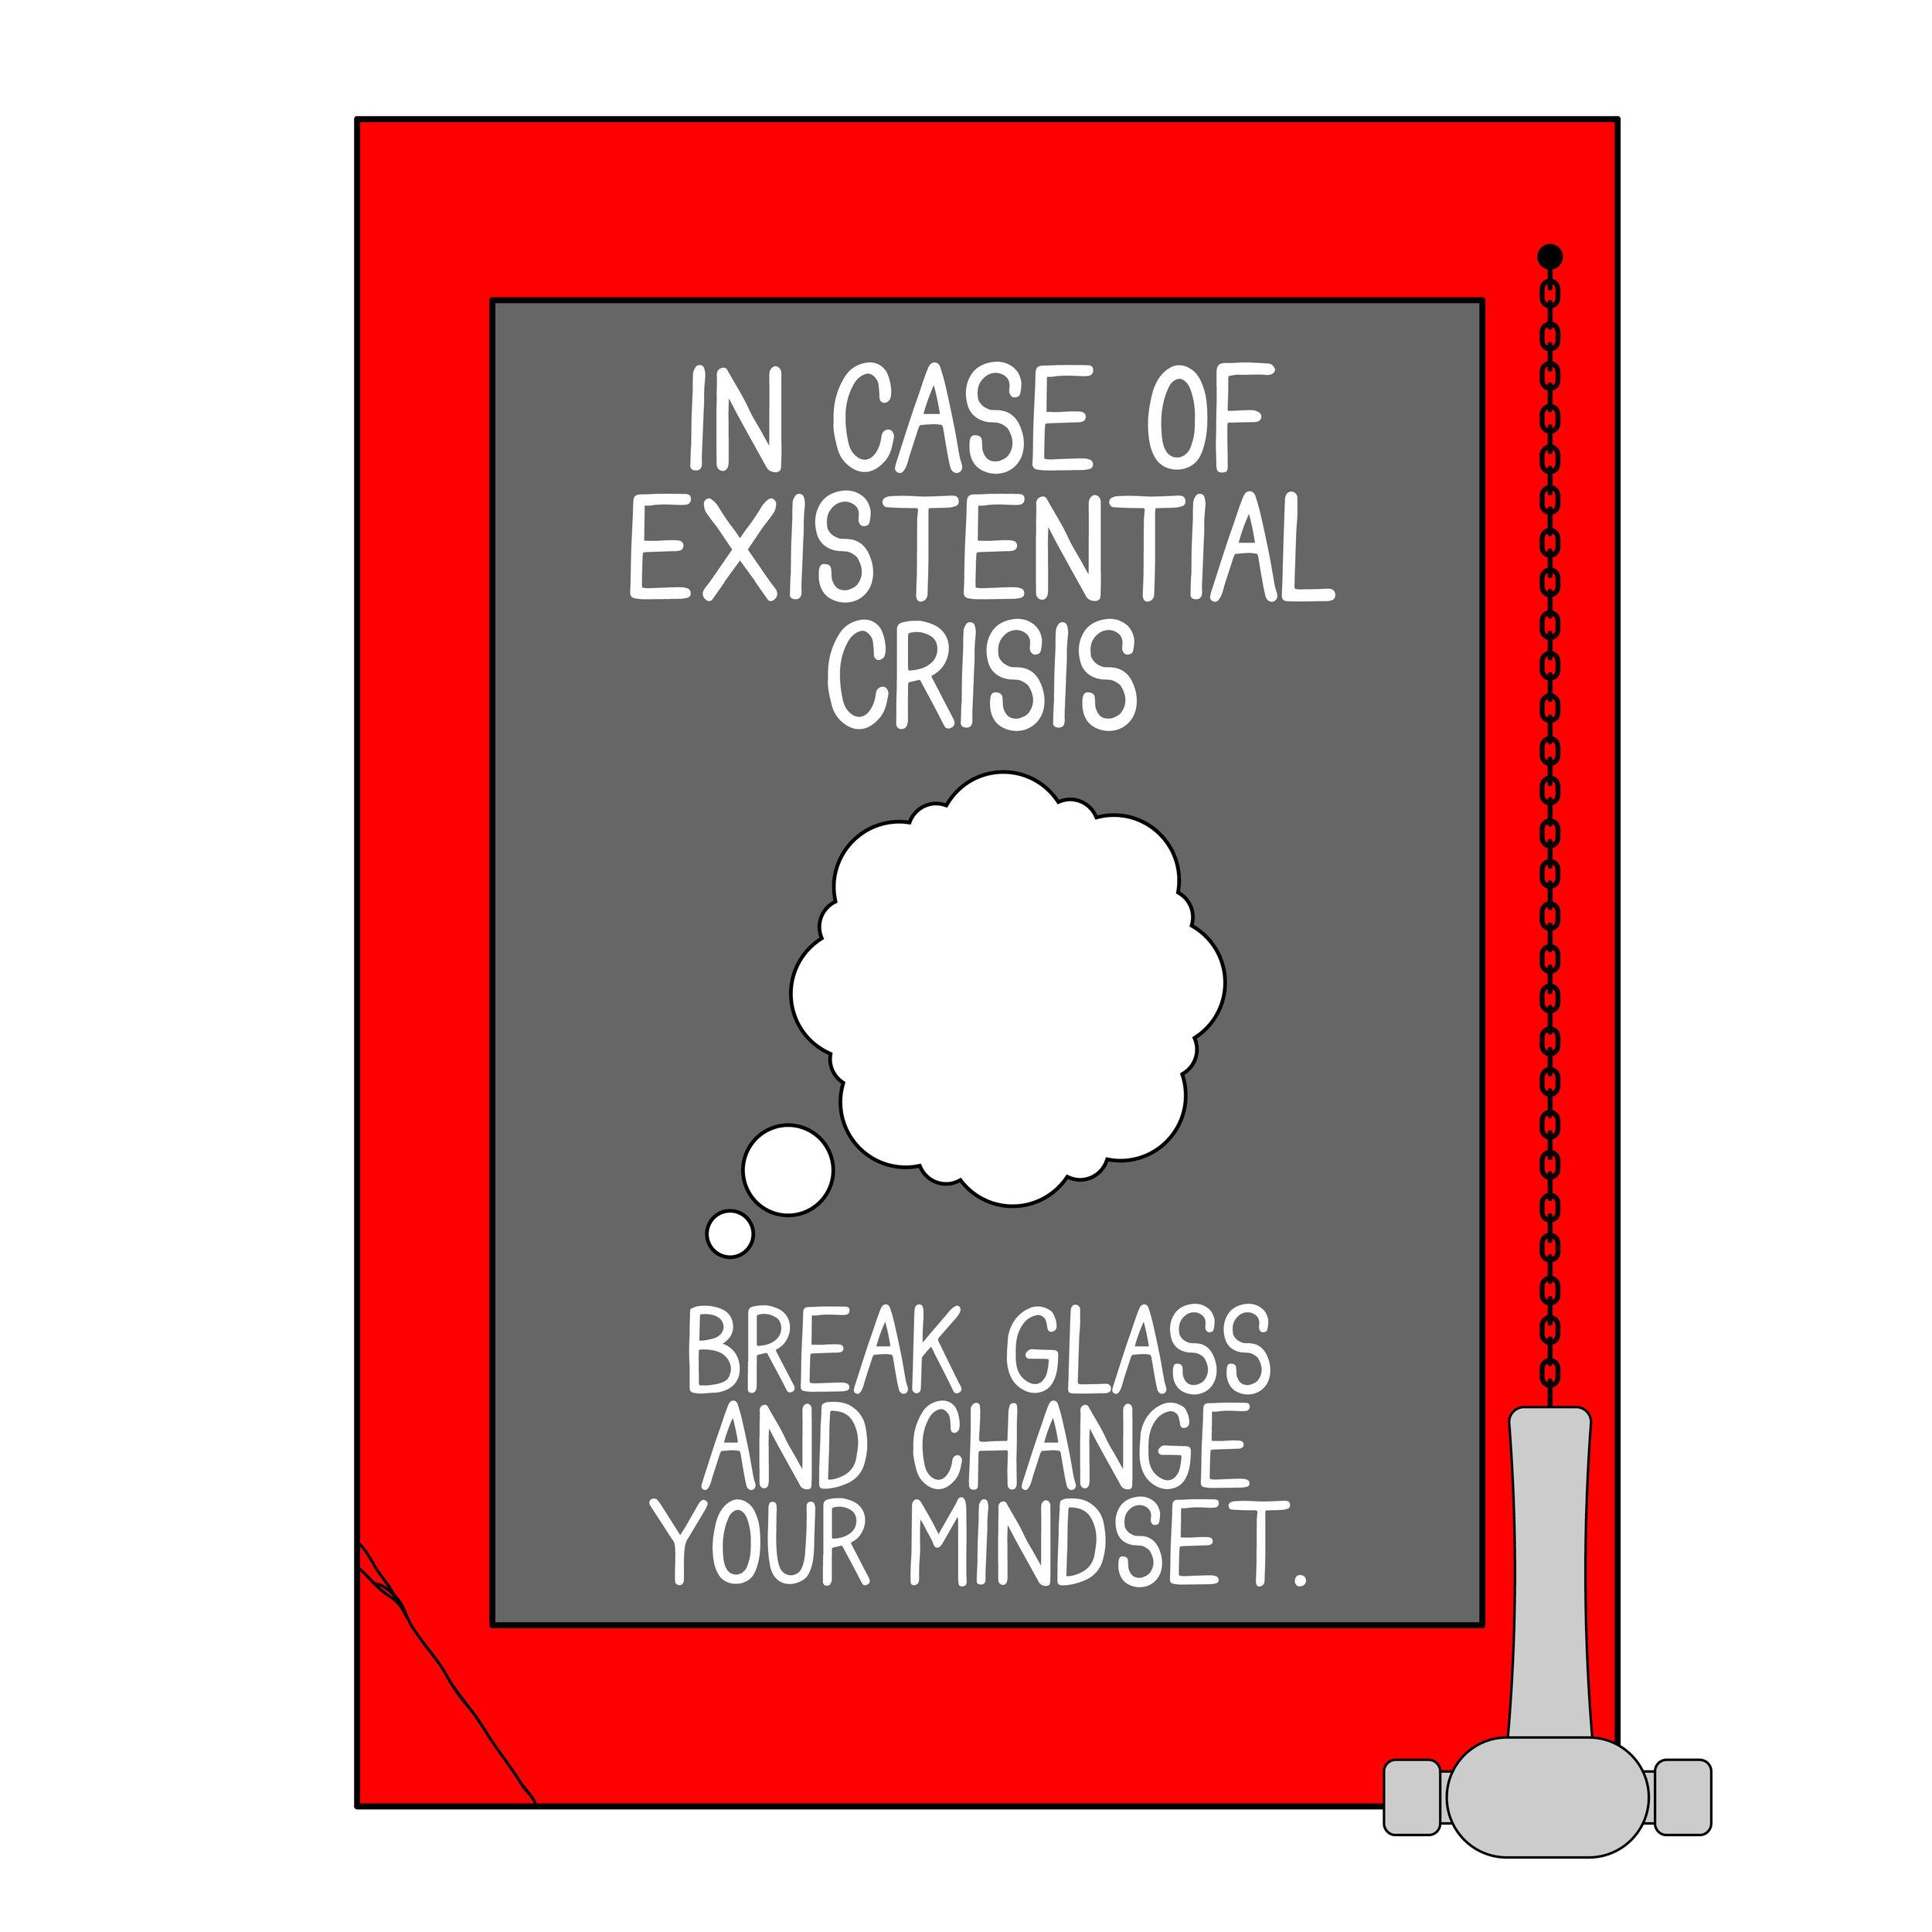 breakglass-01.jpg